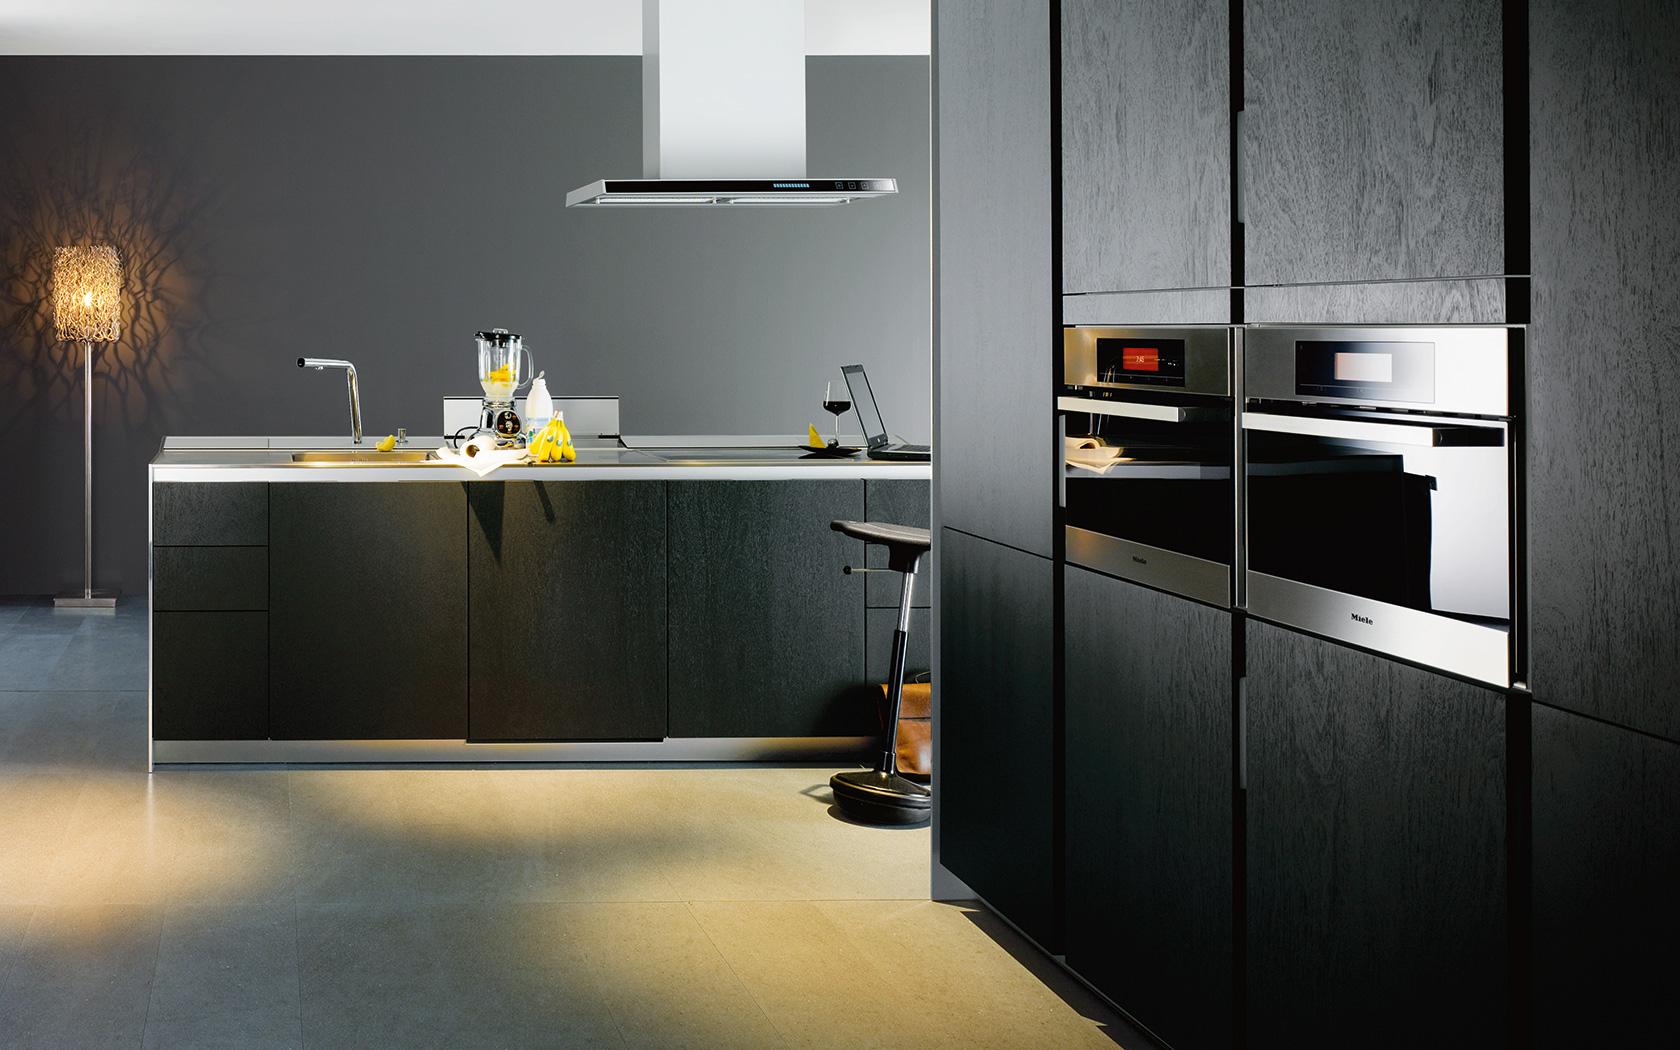 Zwarte keuken siematic u informatie over de keuken